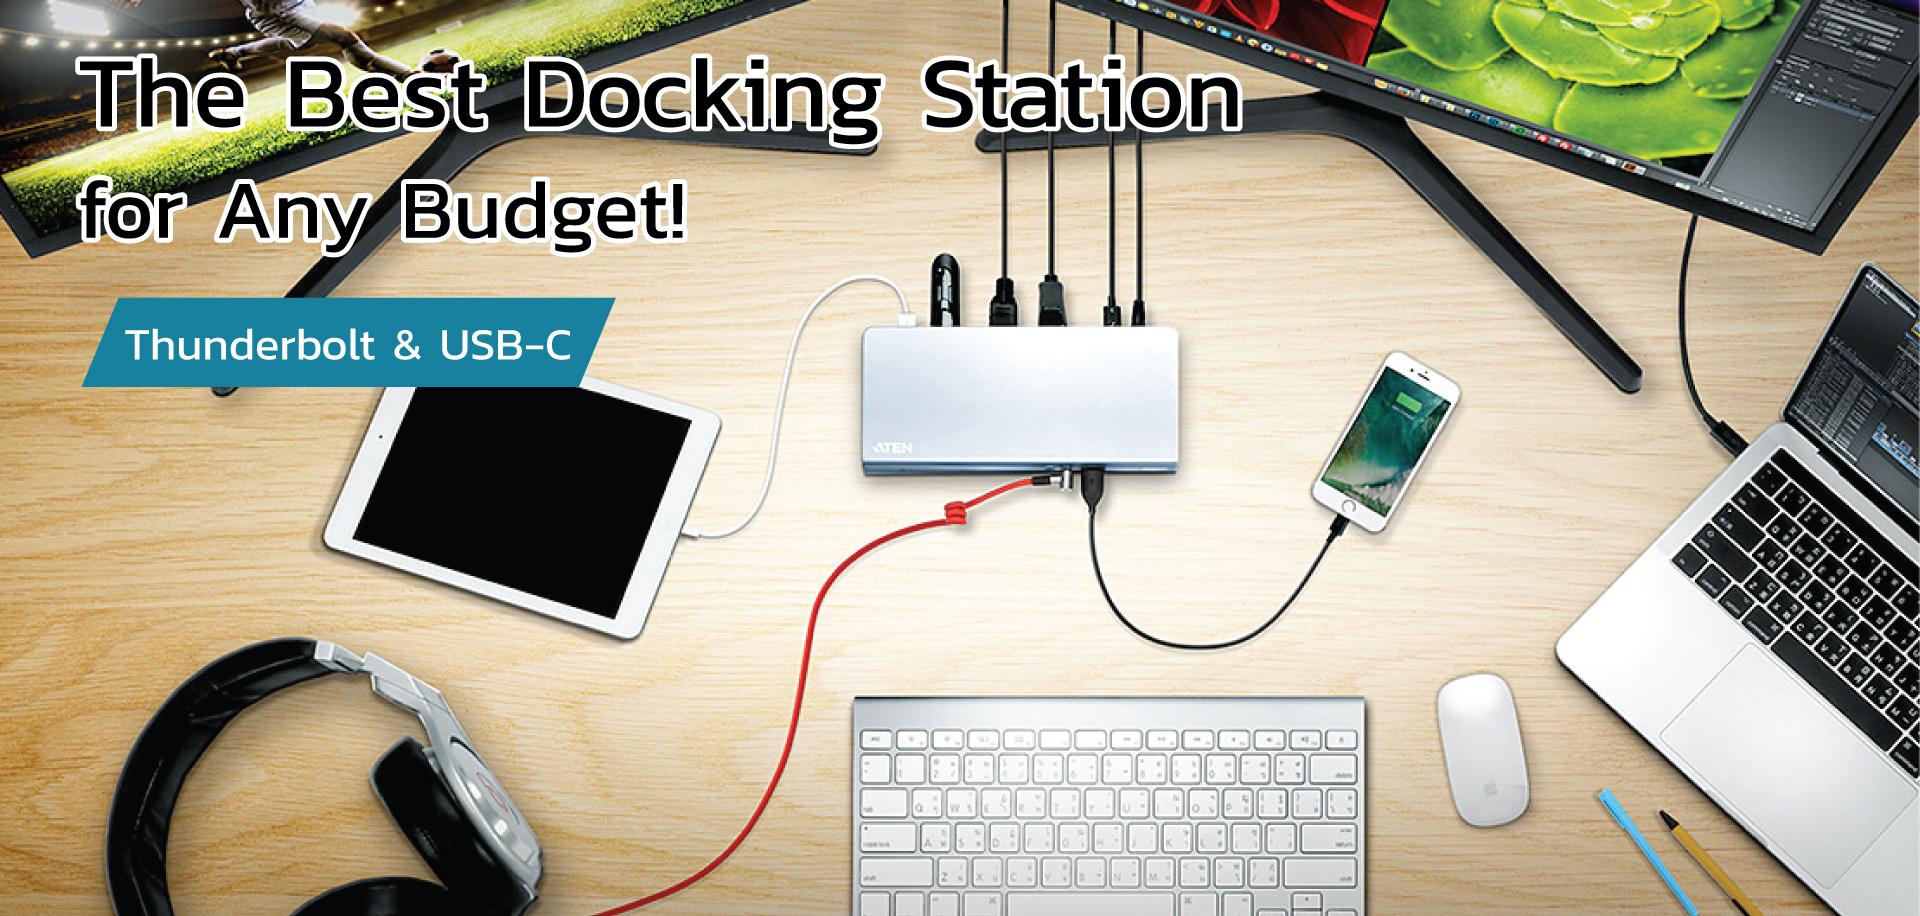 ATEN Docking Station